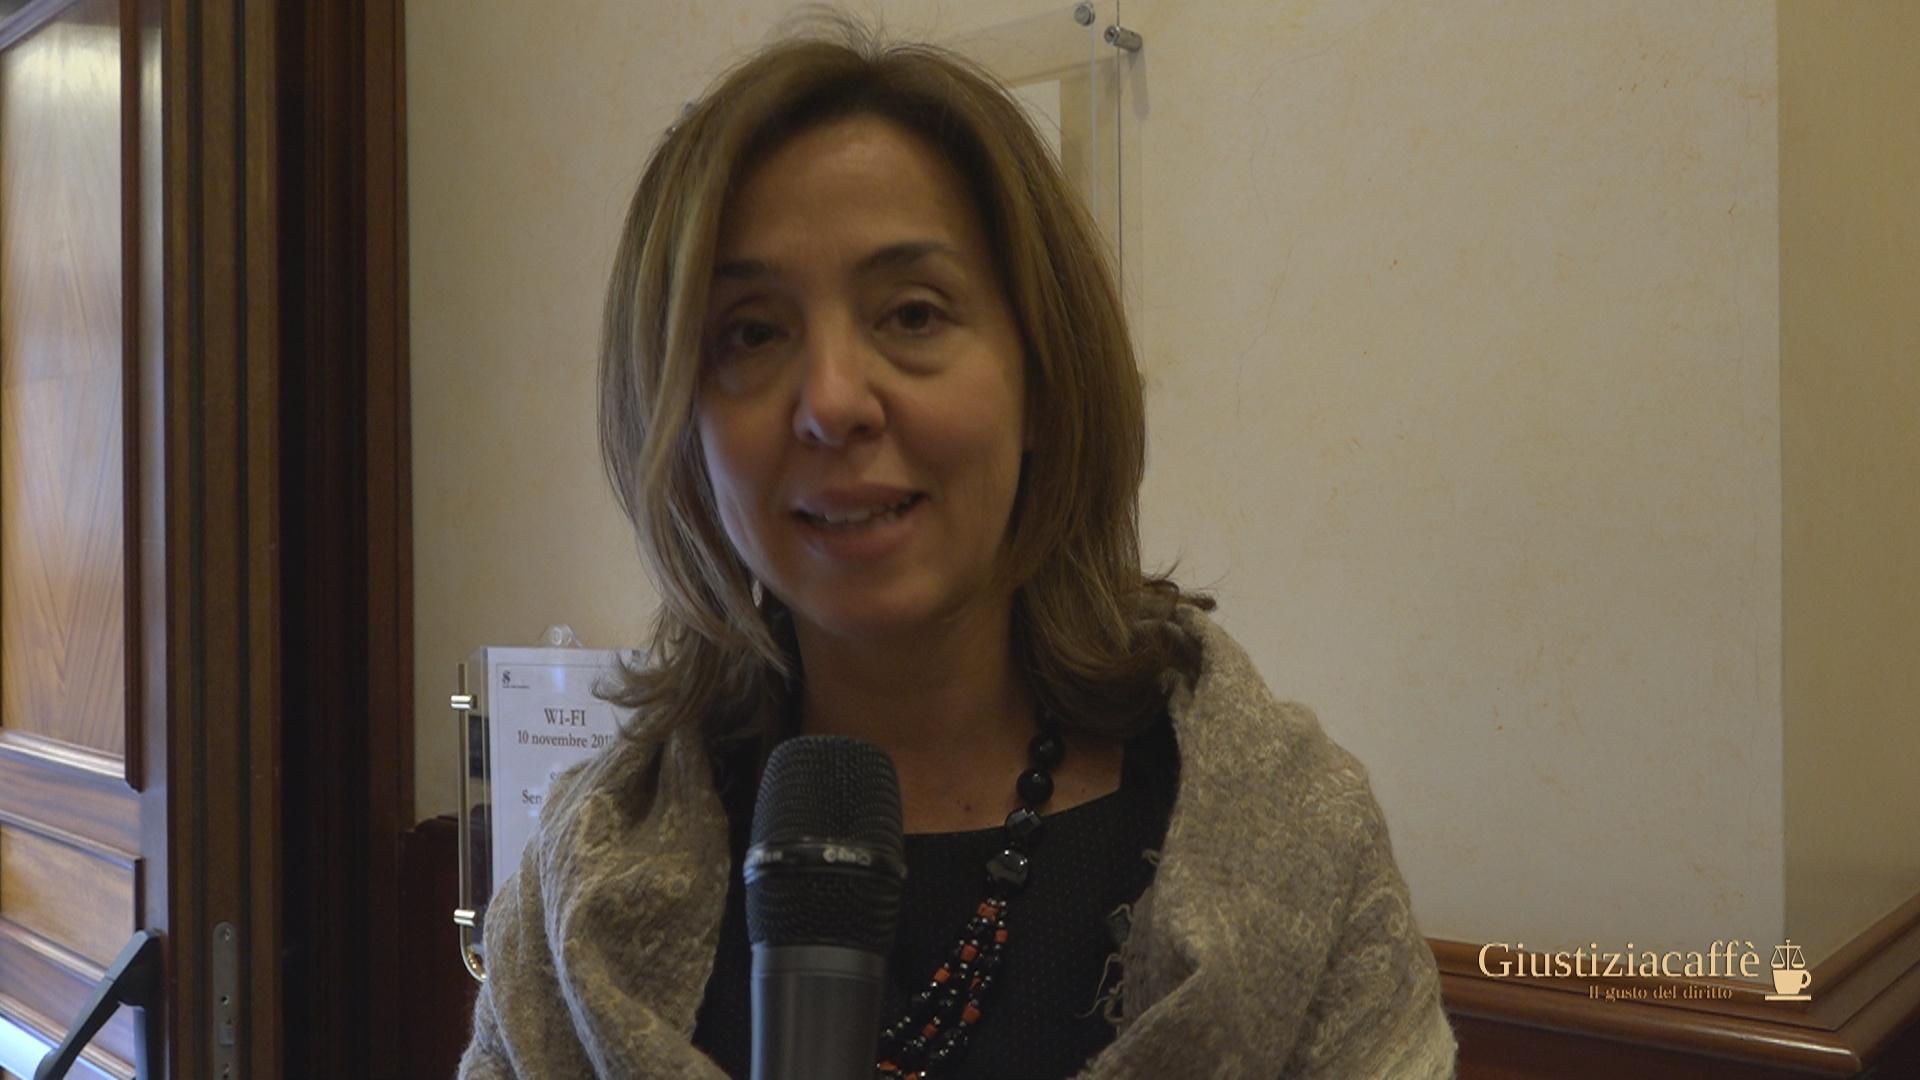 Rita Perchiazzi, Presidente Unione Camere Minorili, Social media e minori